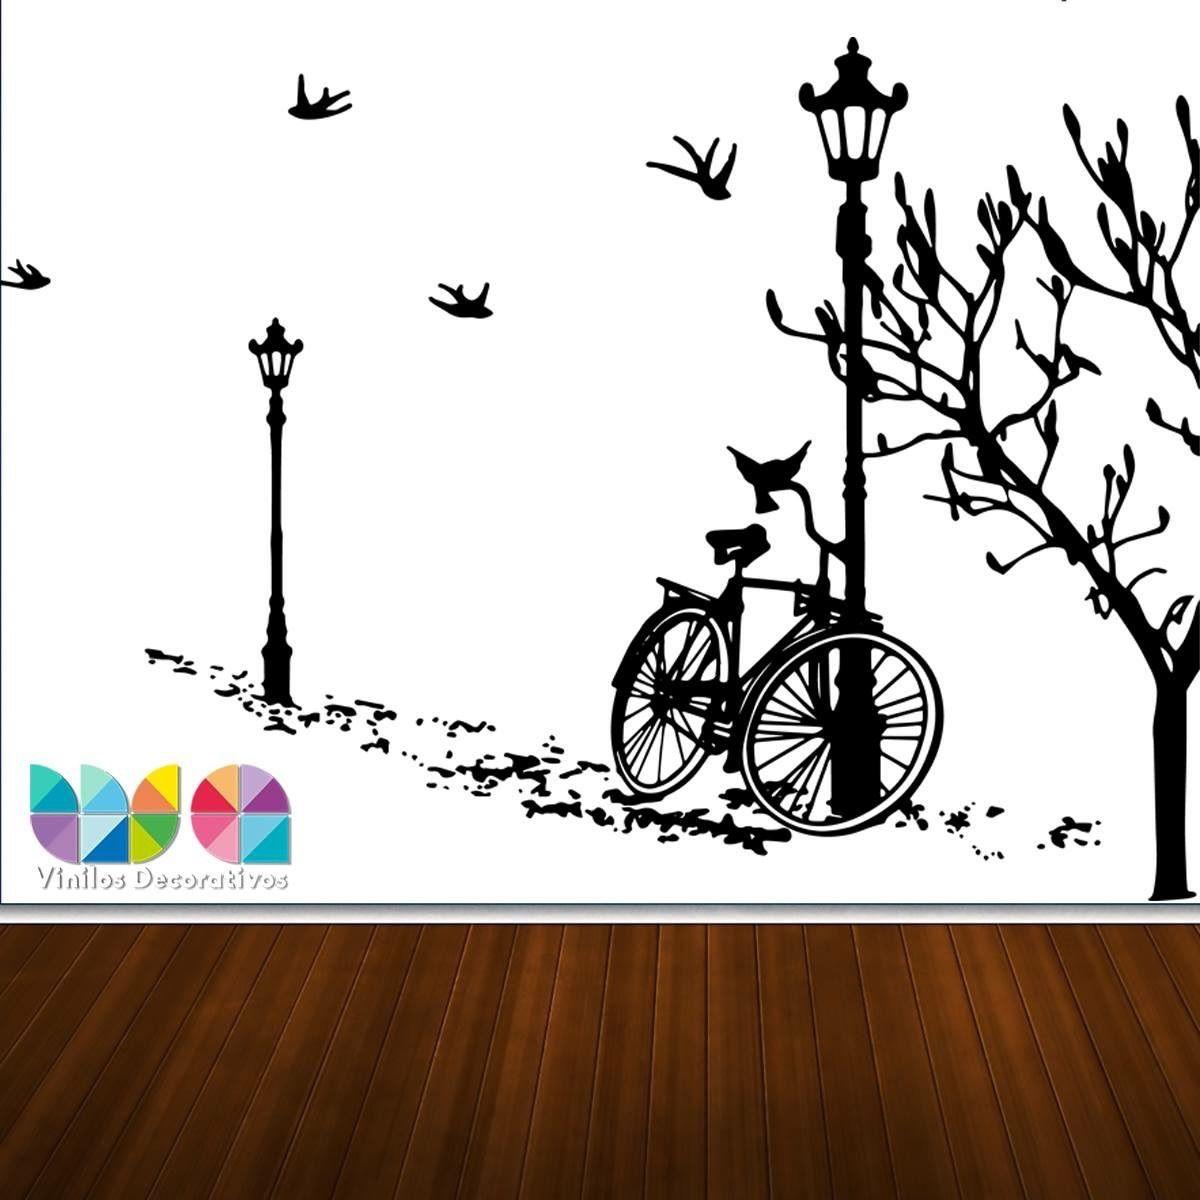 wallattach diseñamos tu espacio #VinilosDecorativos ...